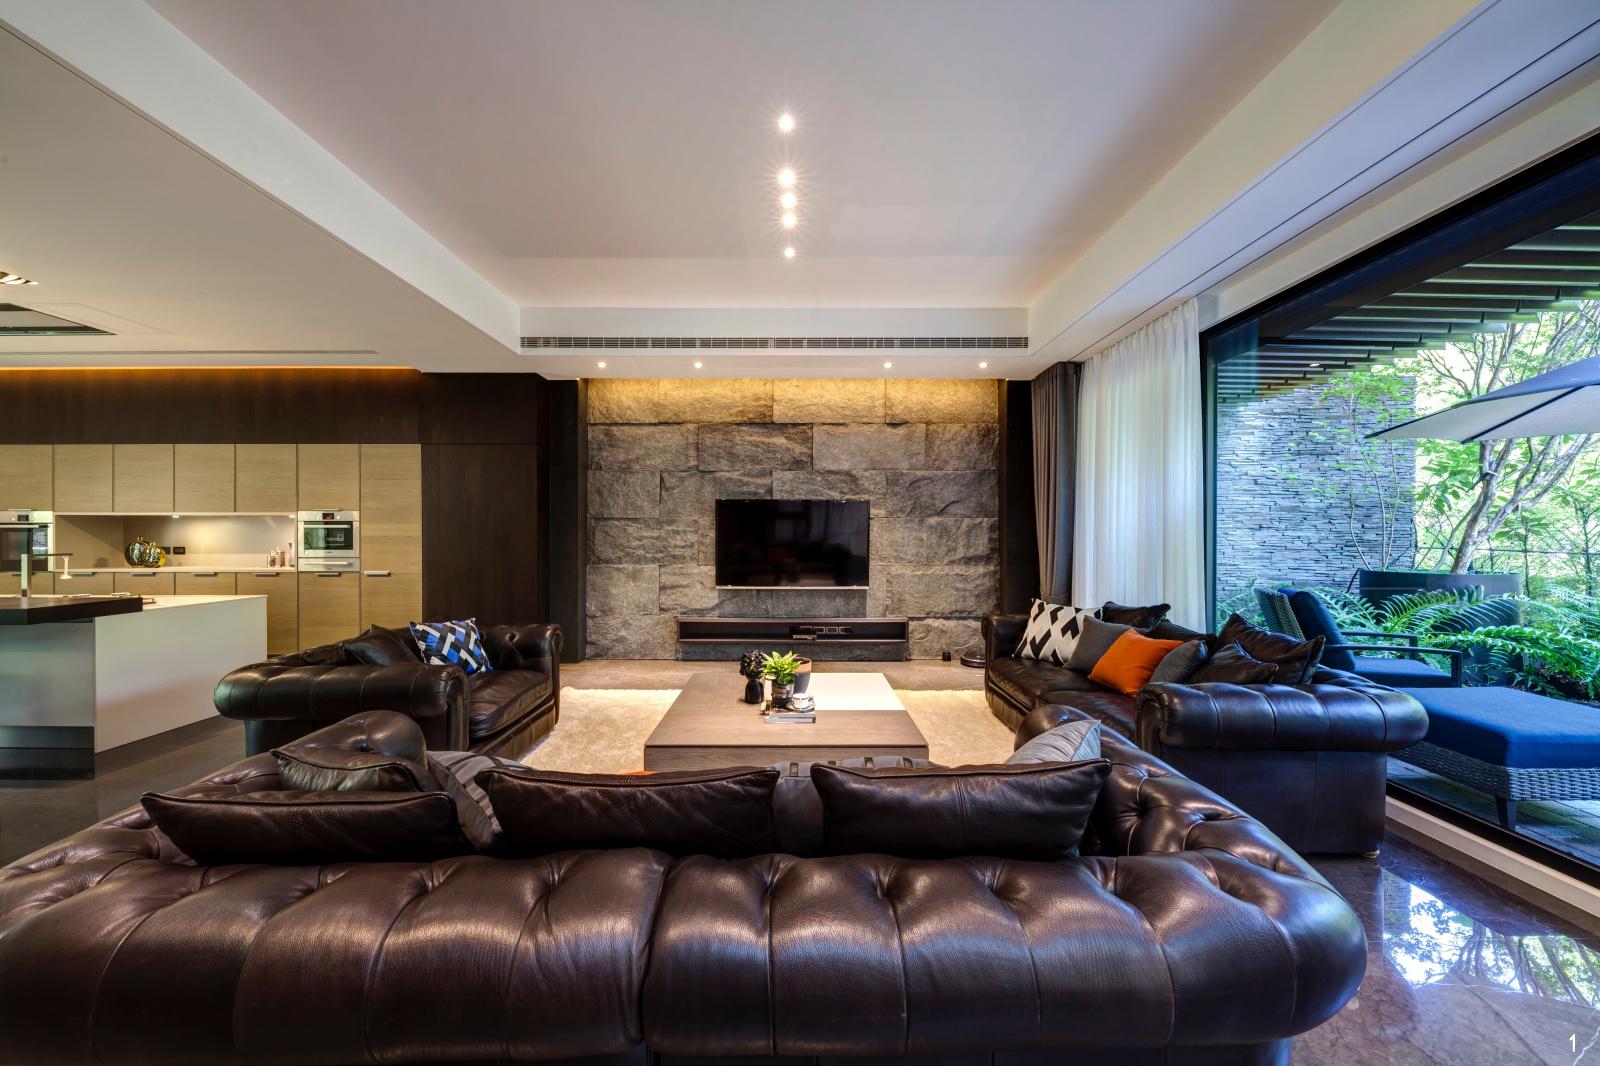 1. 公領域擁有完善的採光條件,大面開窗將自然光無遺地引入,完美烘托全室木質溫潤感受。